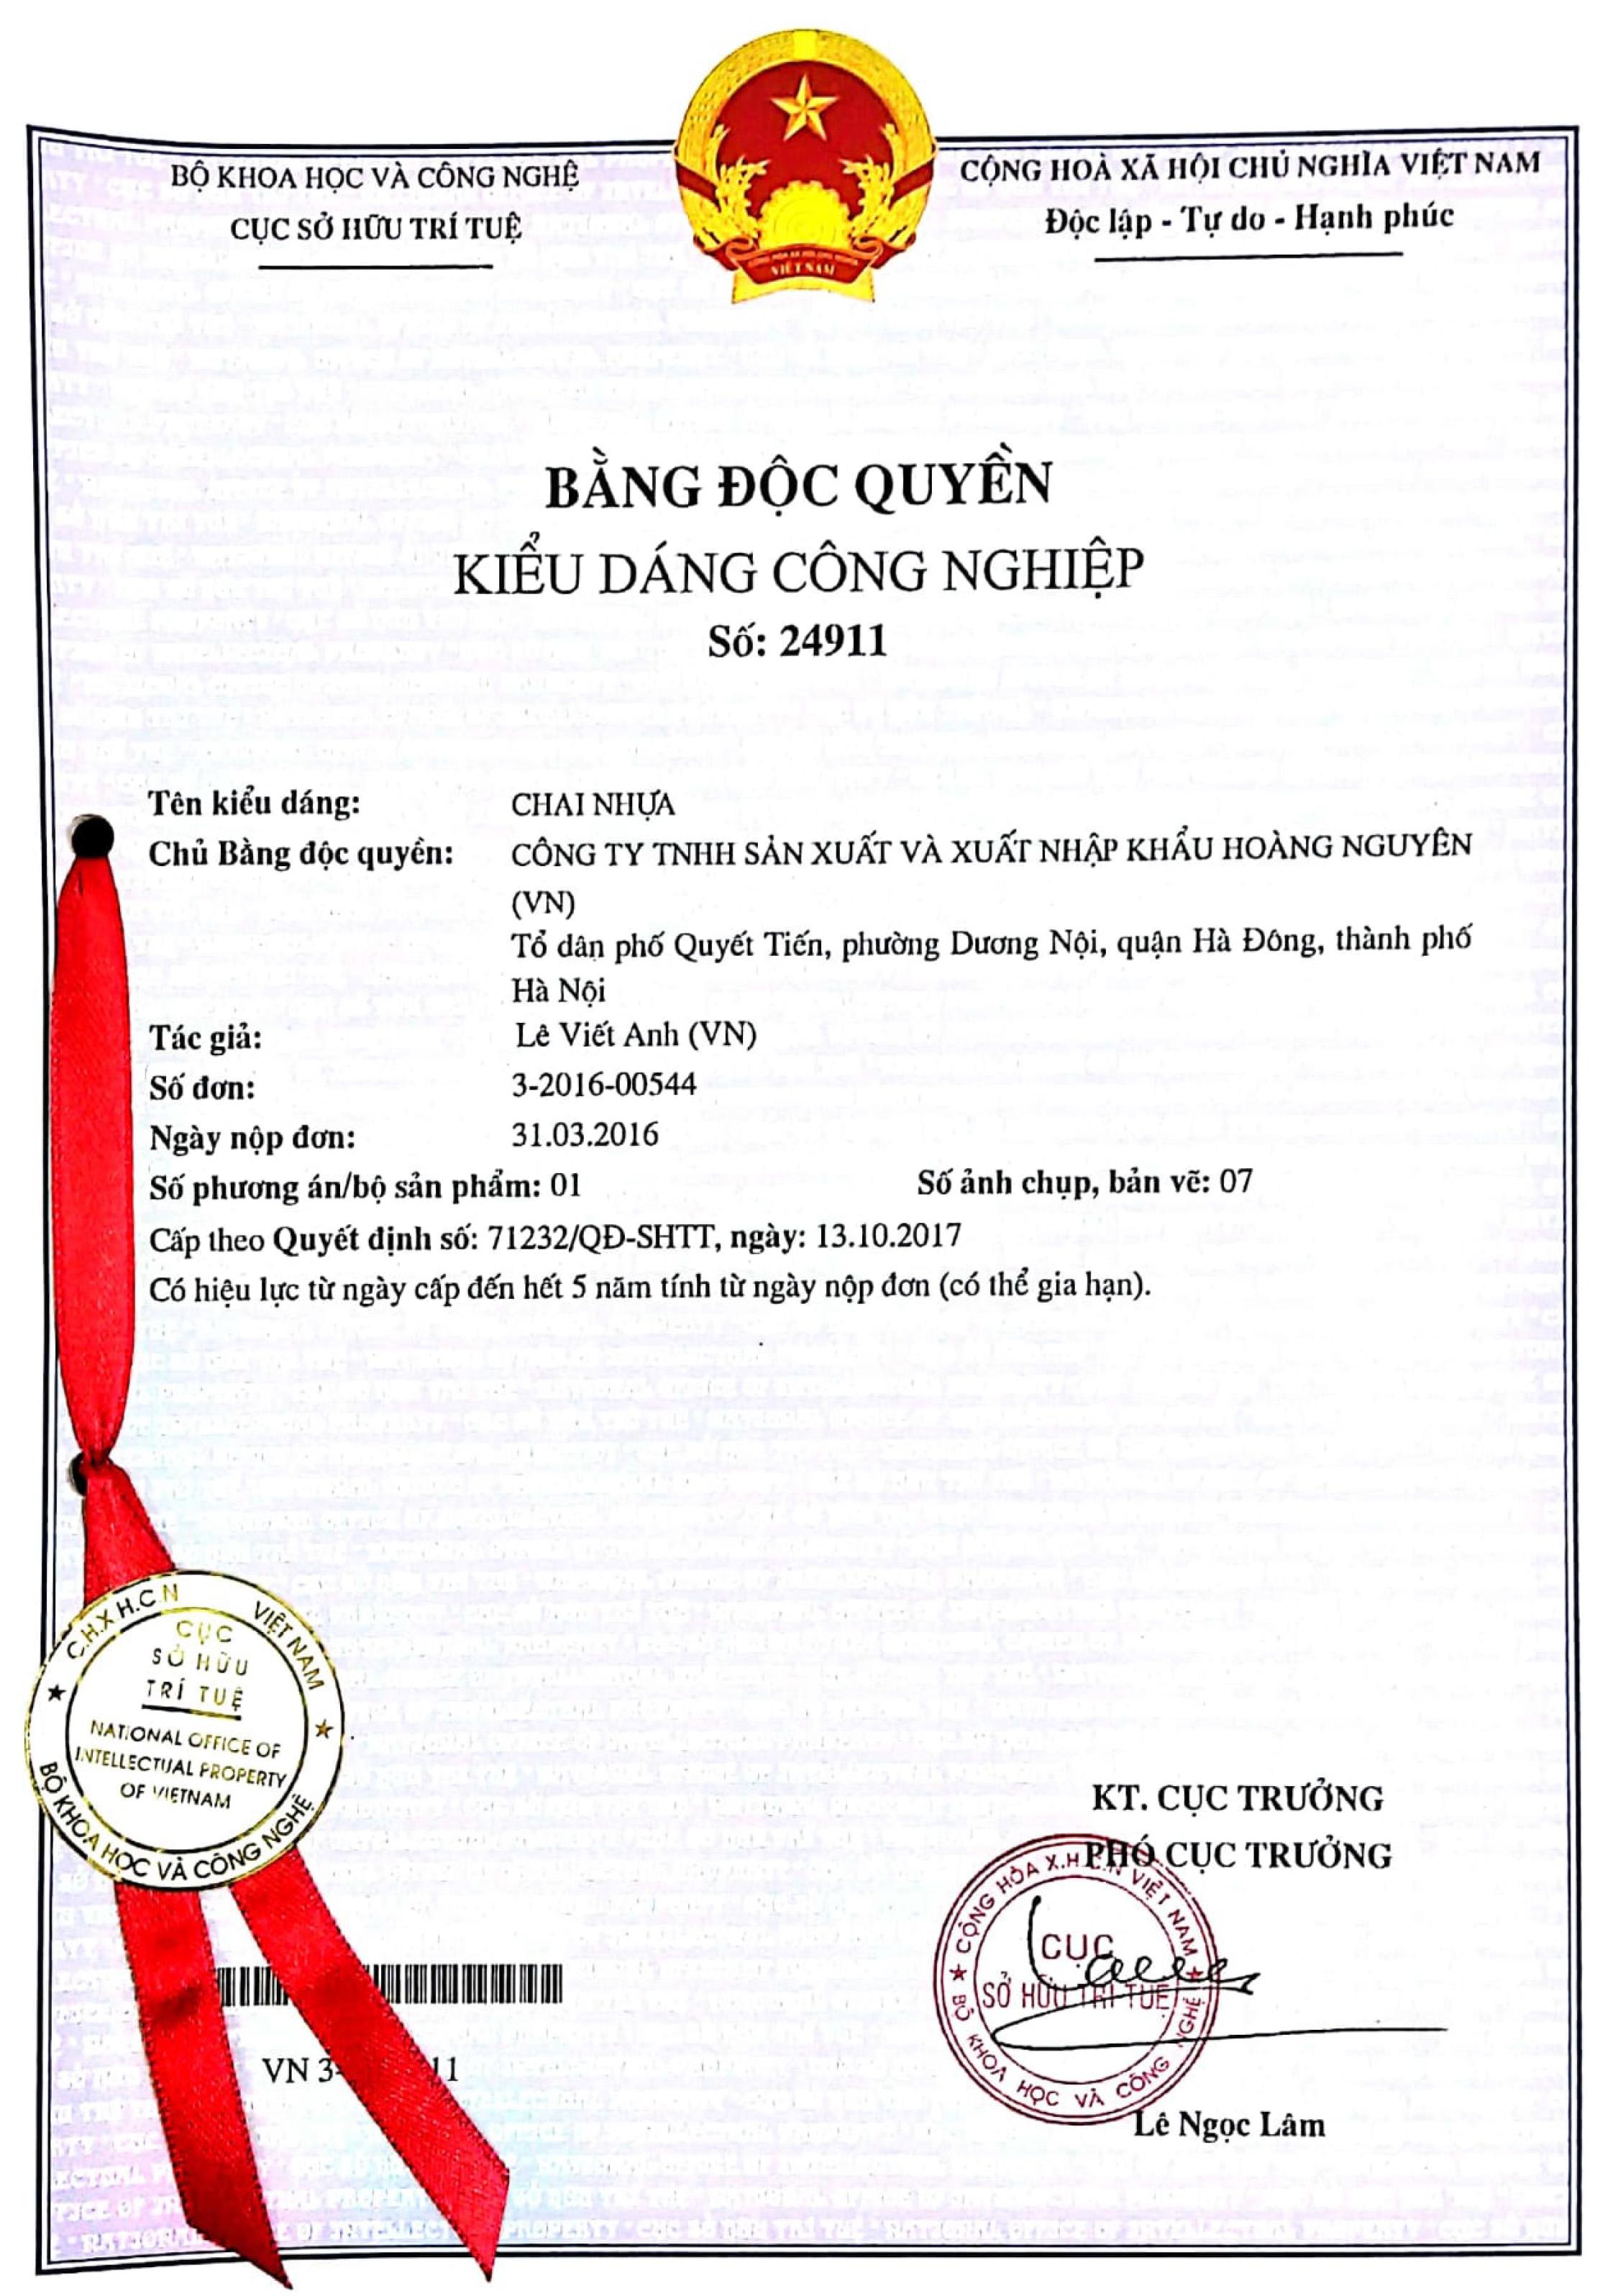 bang-doc-quyen-kieu-dang-cong-nghiep-so-24911